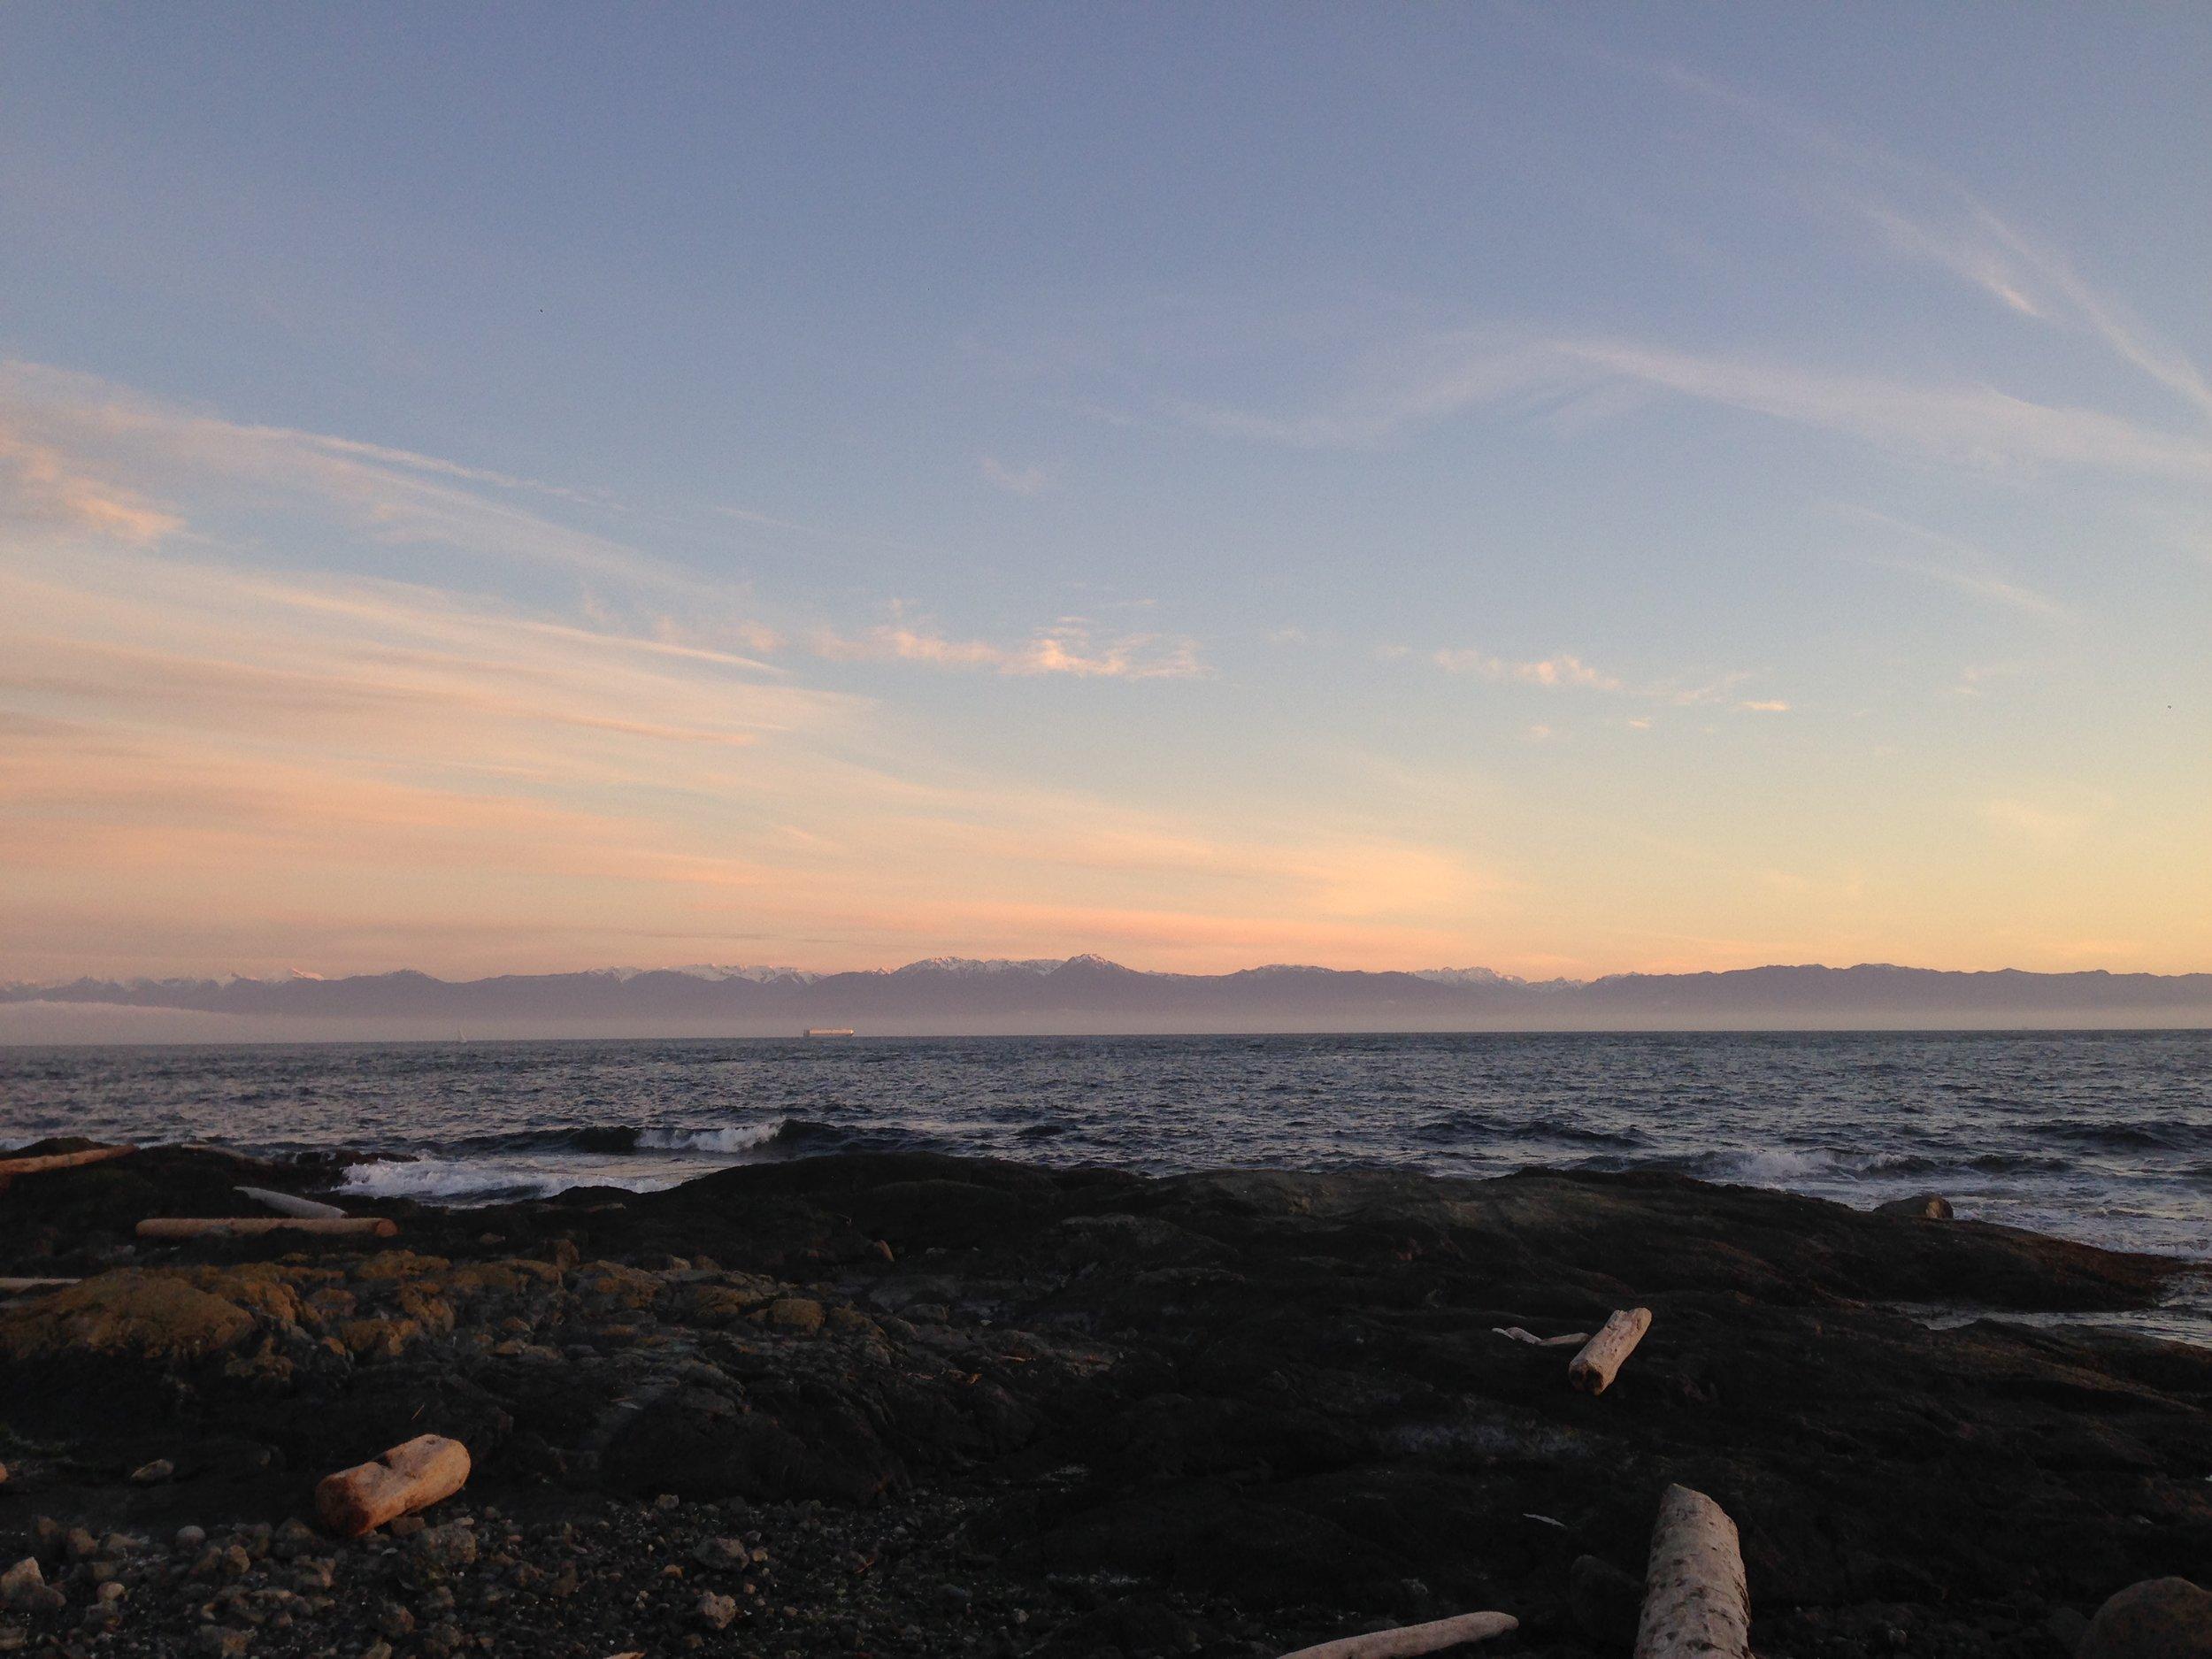 Island View Beach, BC, Canada